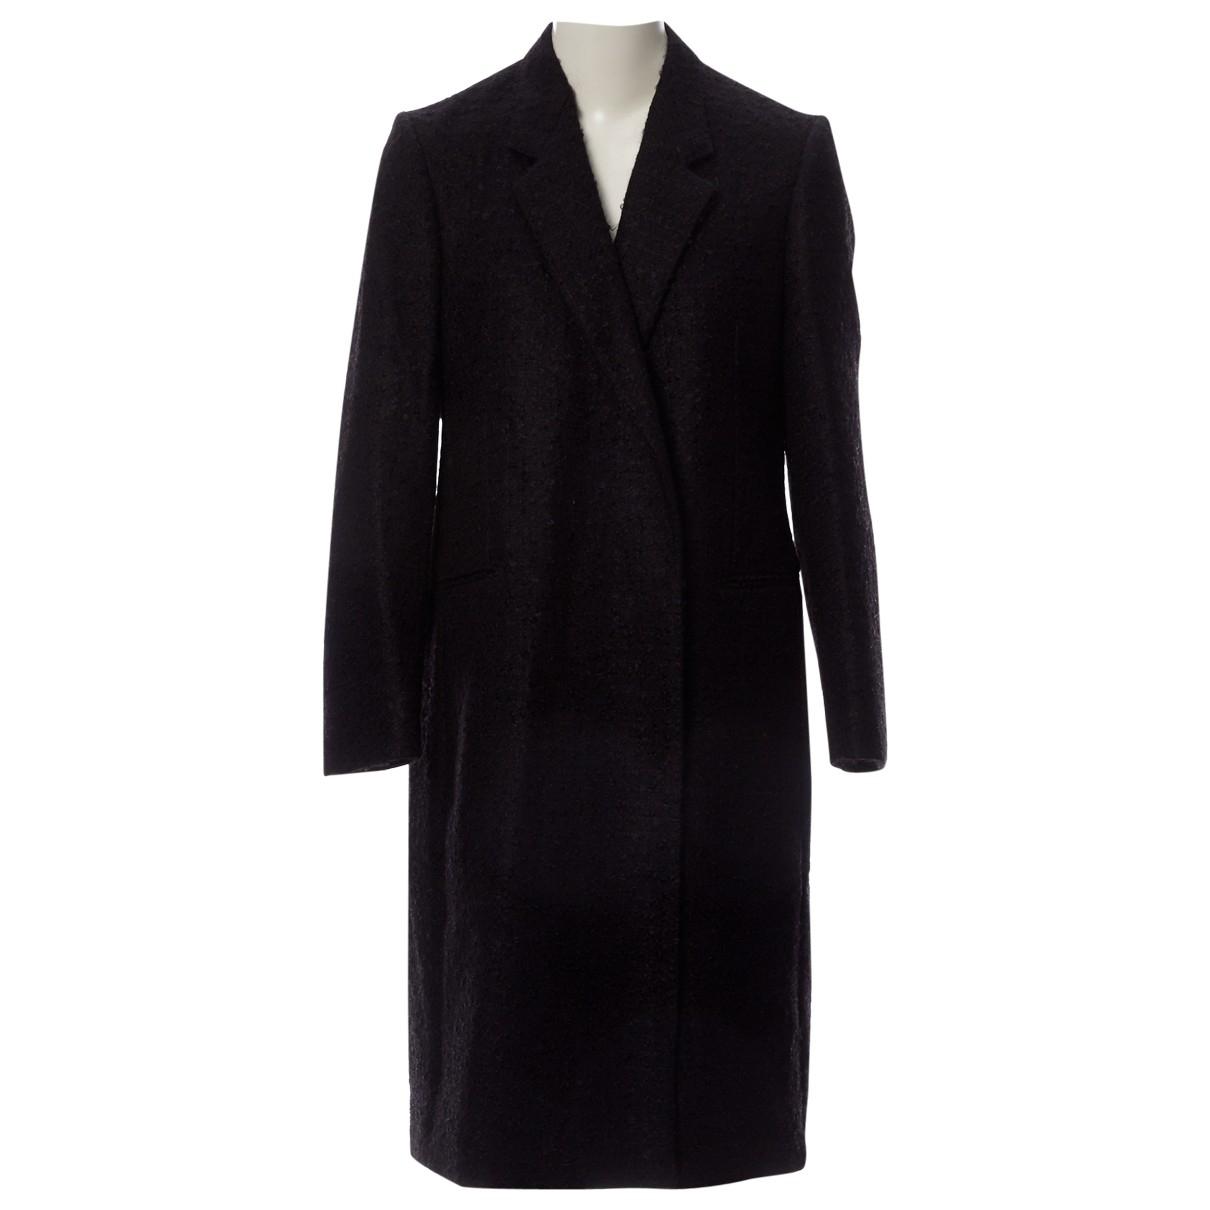 Casely-hayford - Manteau   pour femme en laine - noir